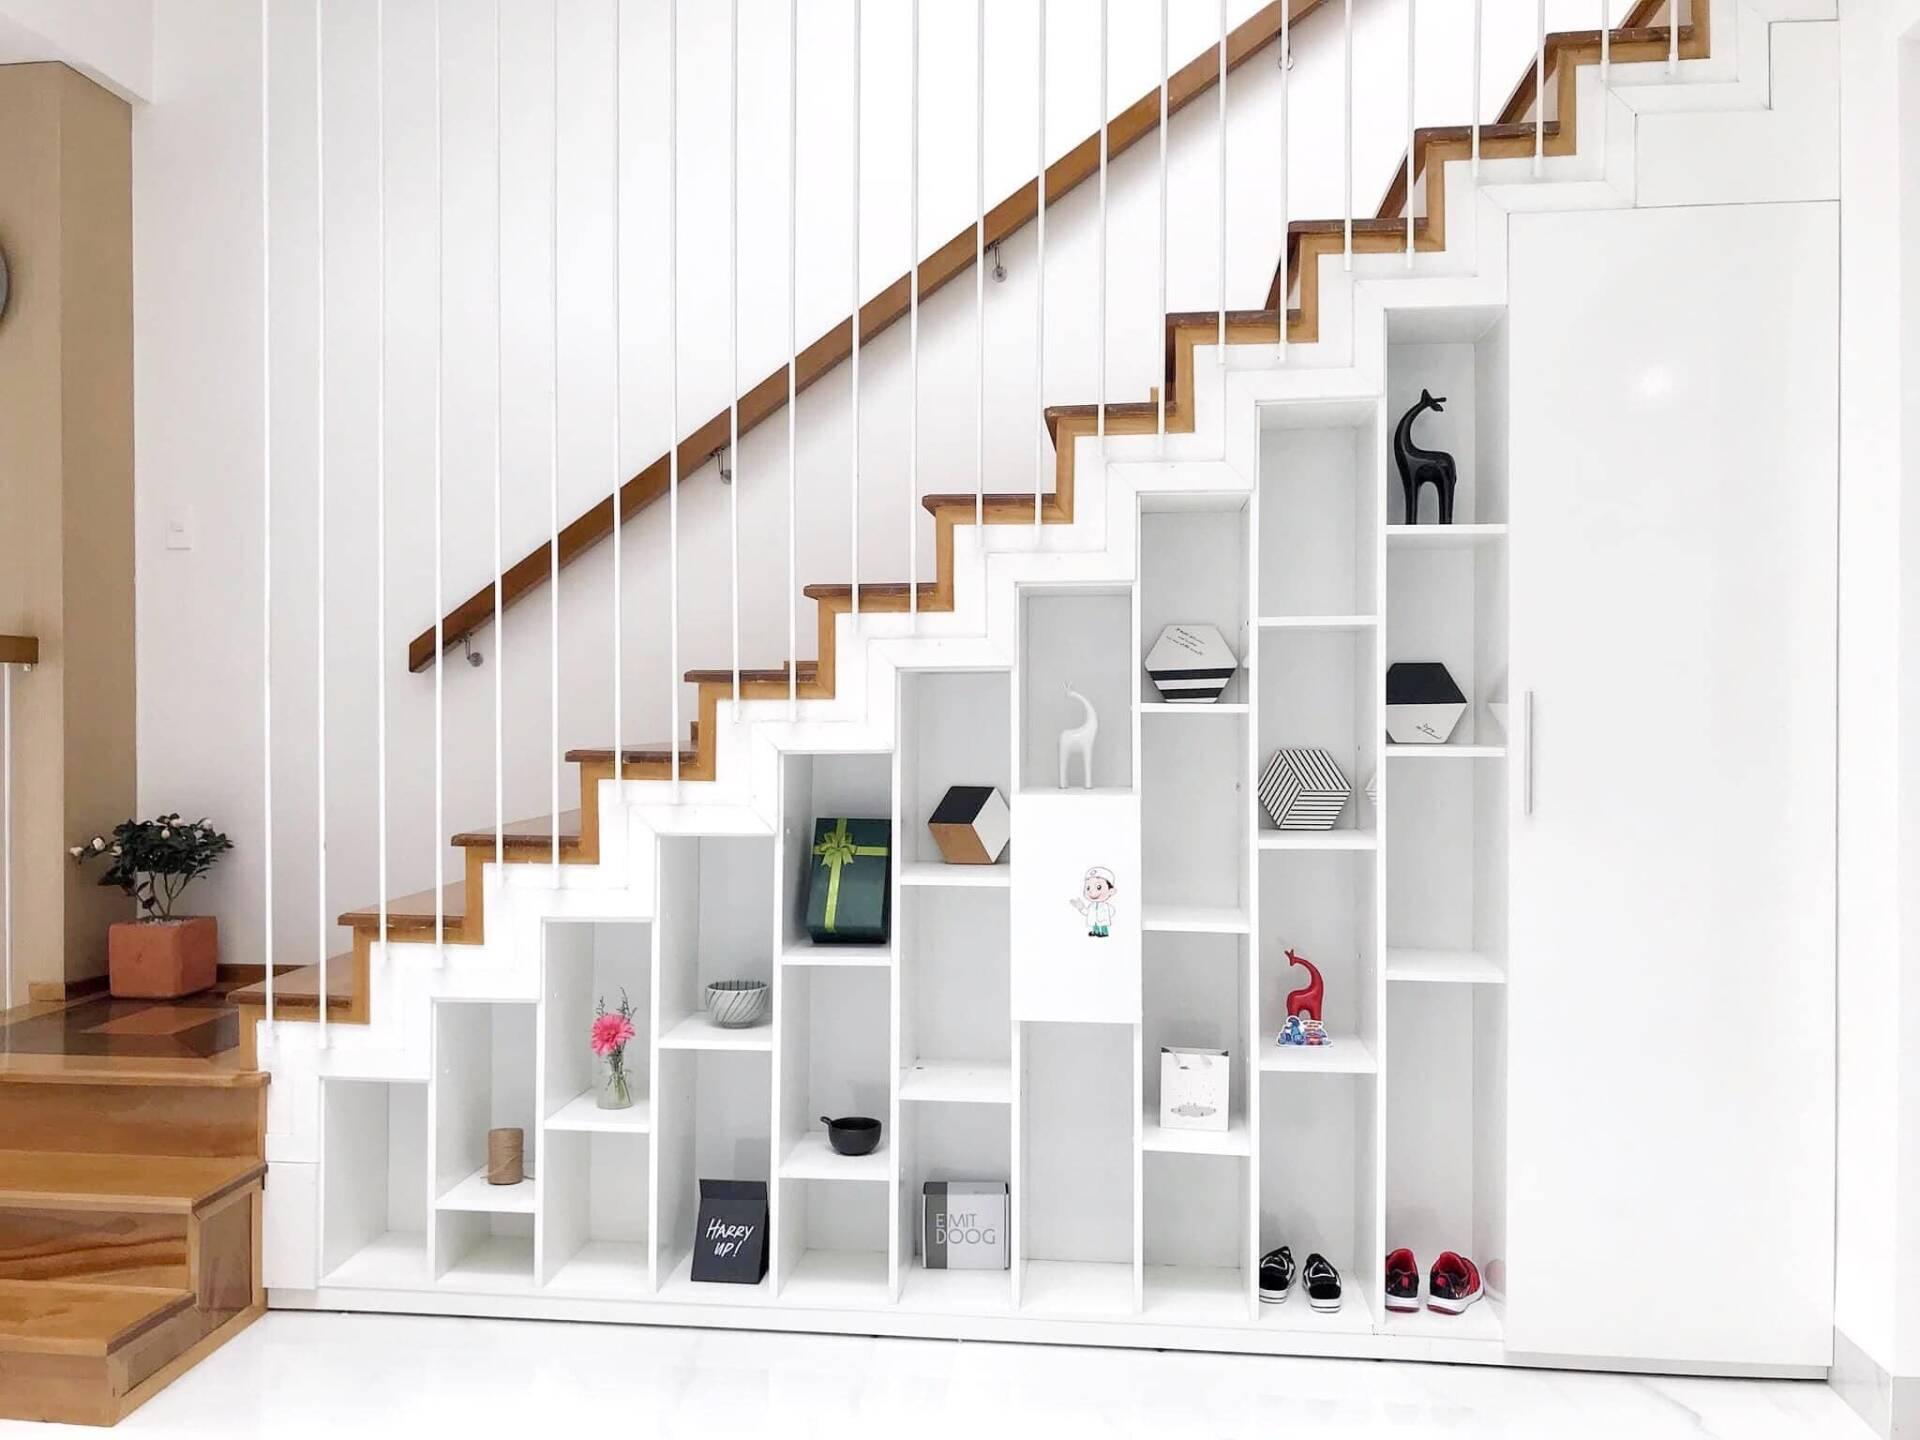 Kệ trang trí cầu thang sâu 30cm. Mở cánh cửa ra là 1 cái kho nhỏ đựng đồ đạc sâu 70cm, chiều dài bằng chiều dài cầu thang.